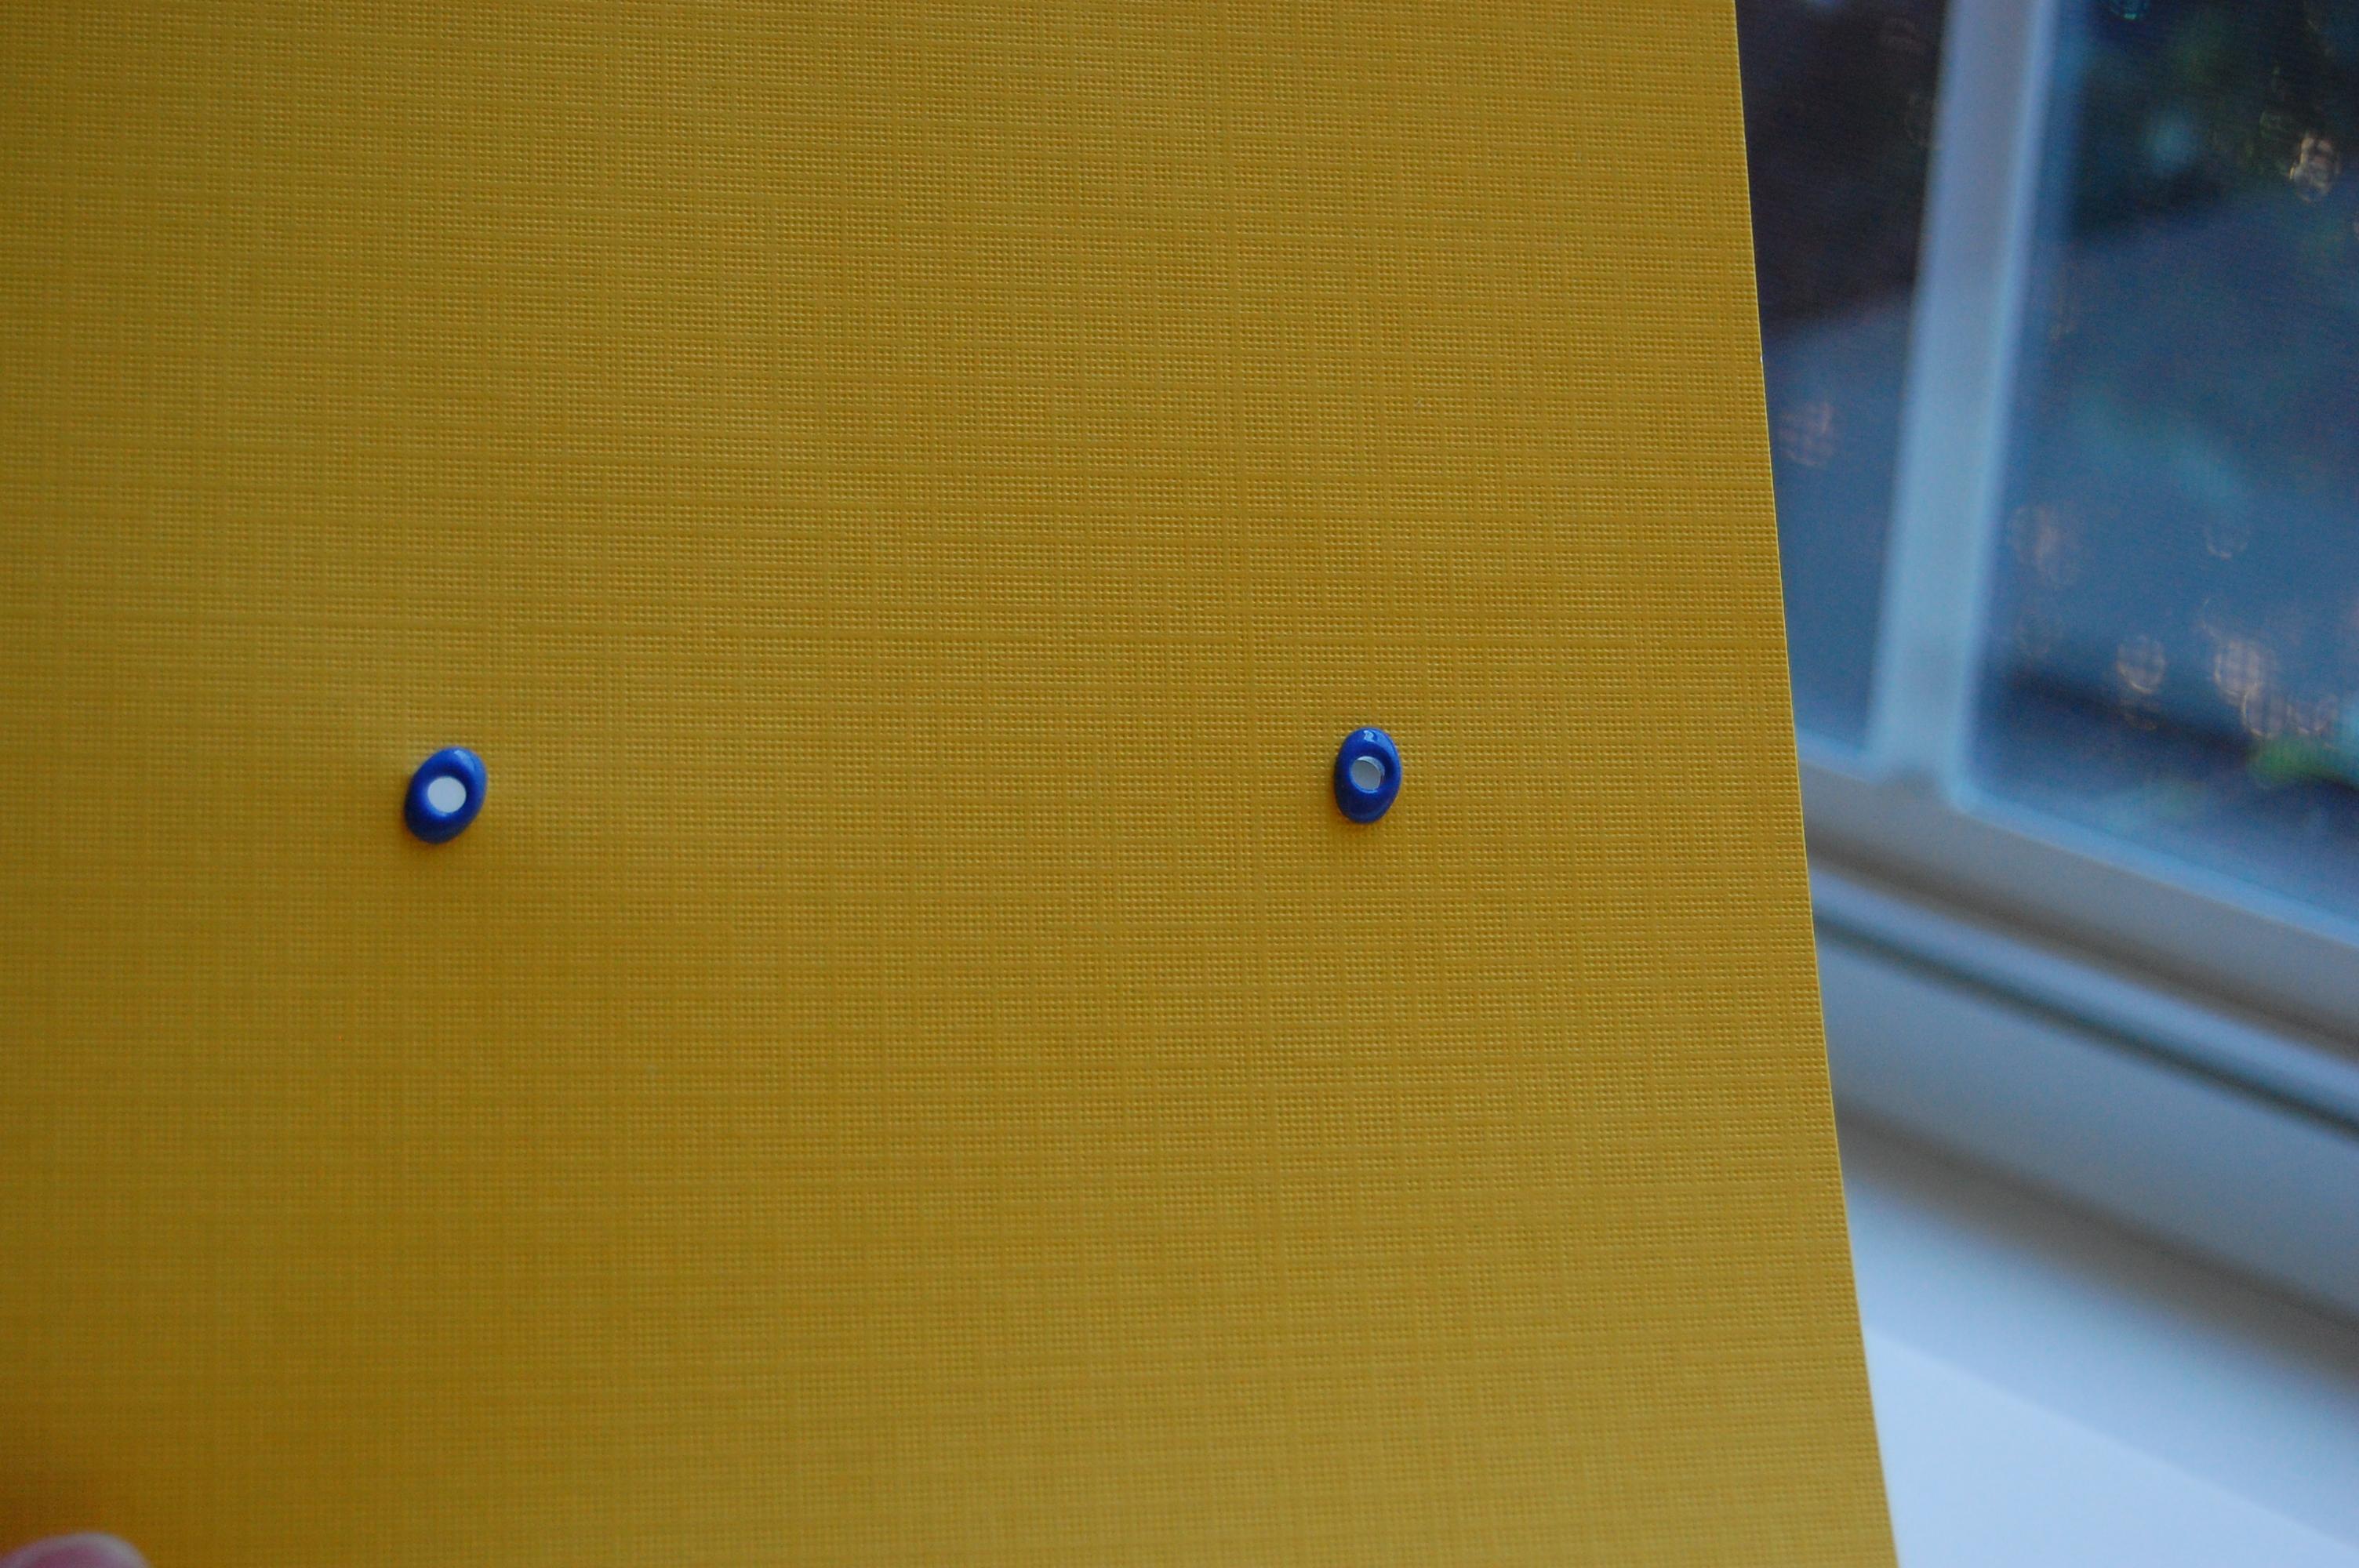 two eyelets set